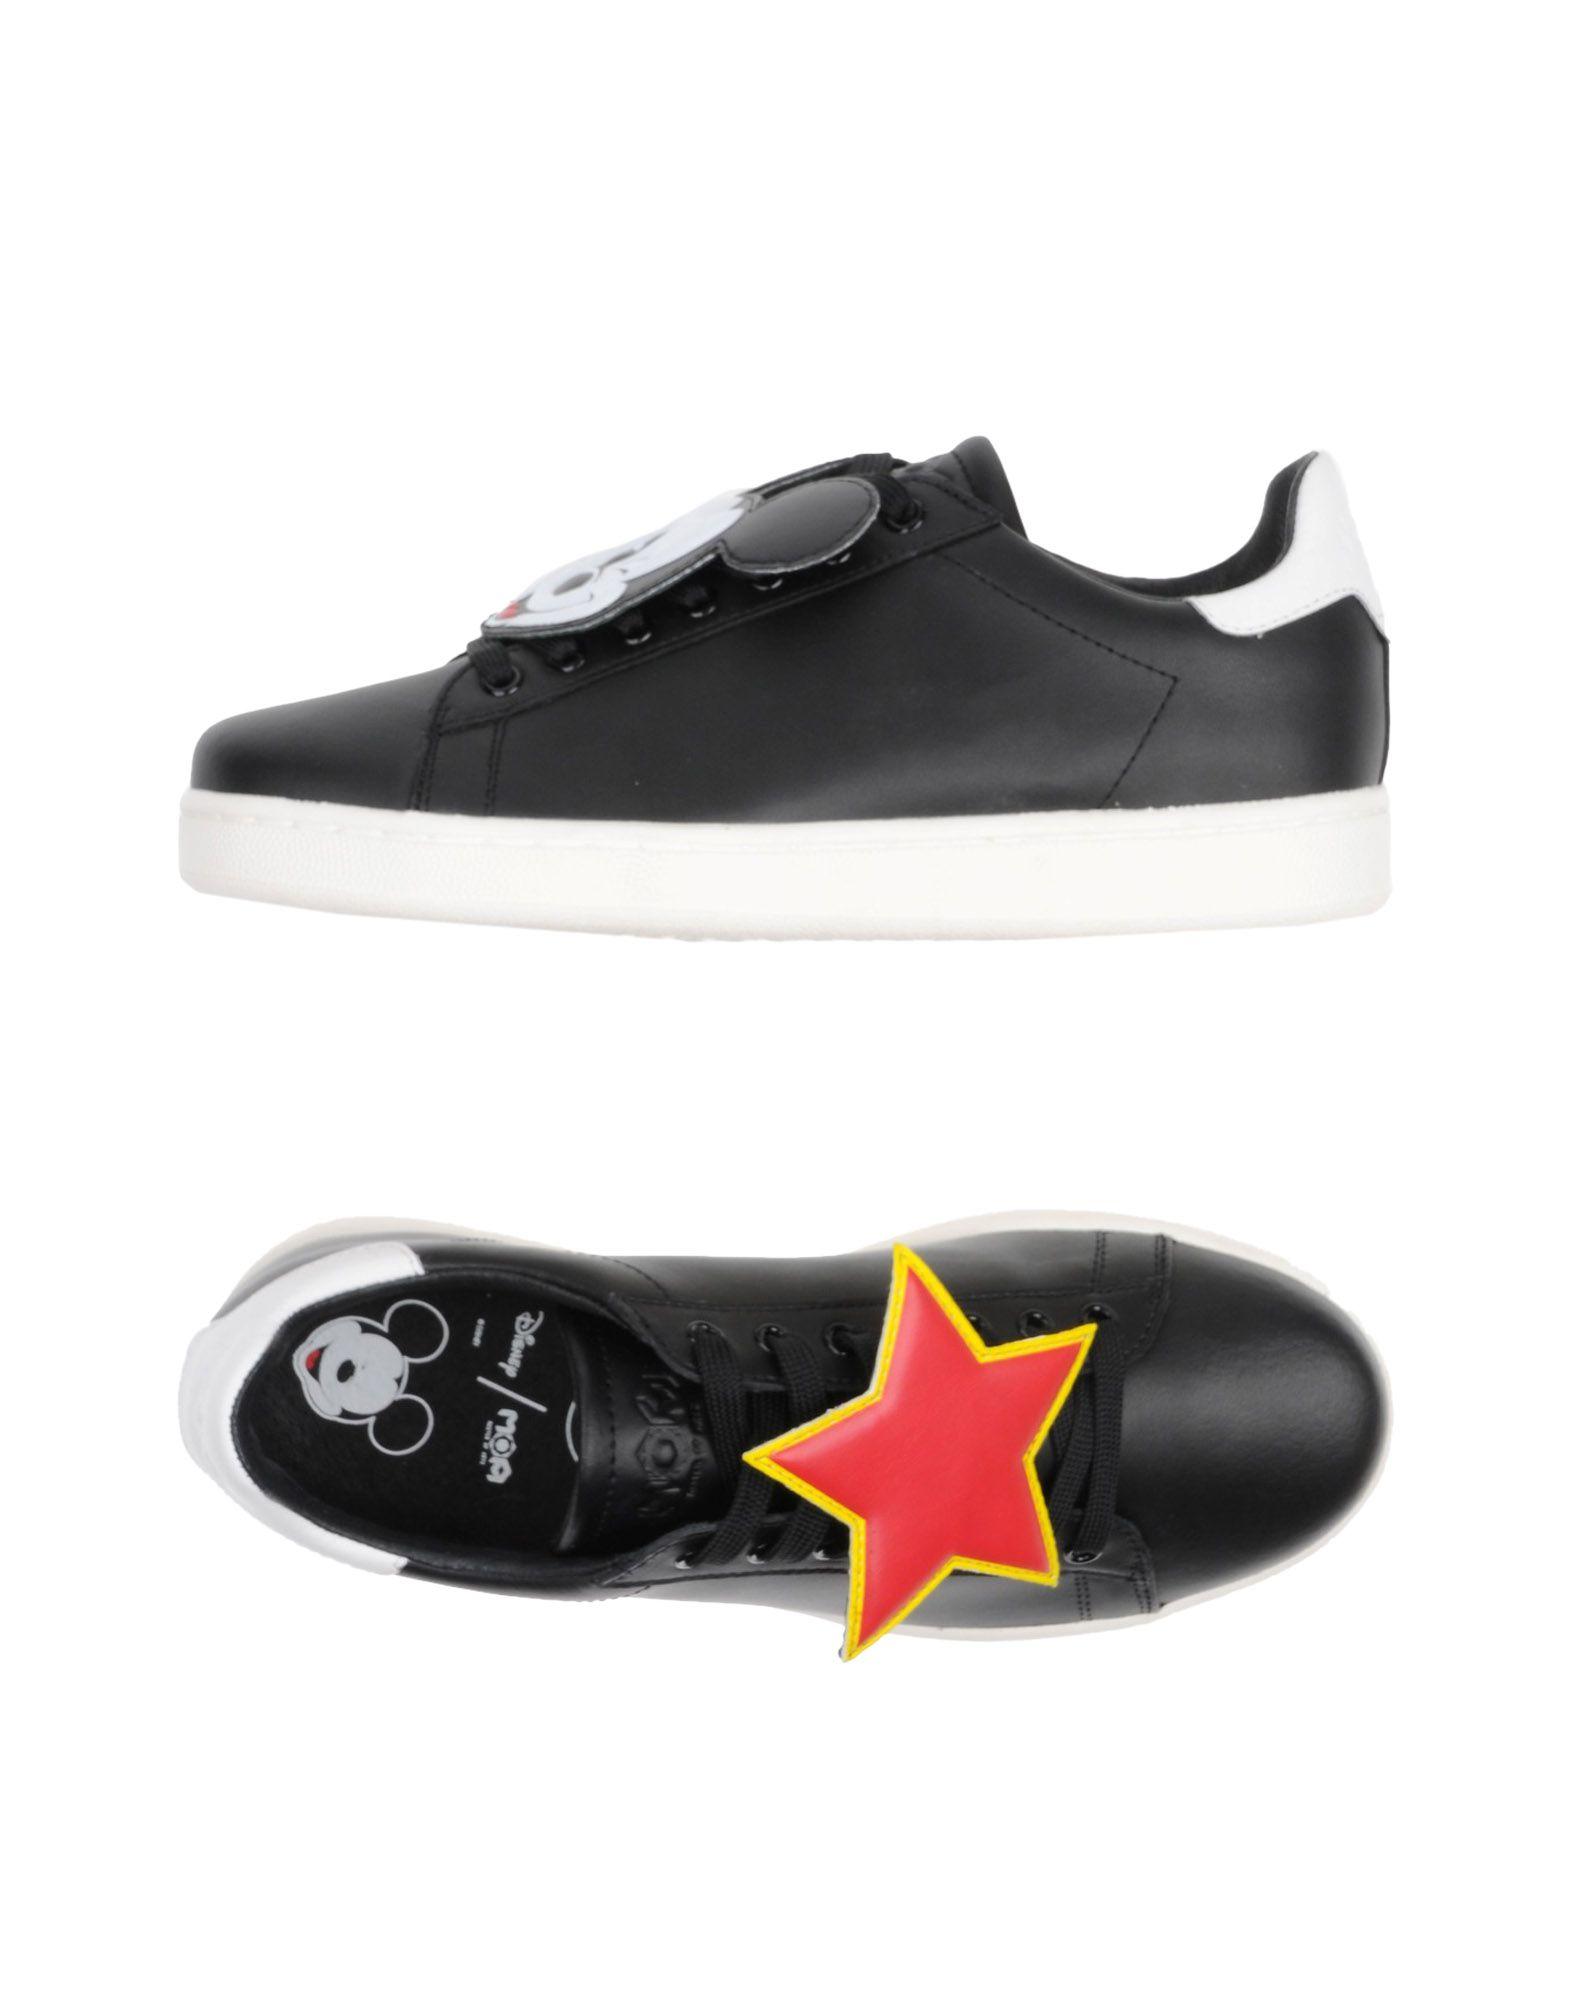 Moa Master Master Moa Of Arts Sneakers Damen  11243727TP Gute Qualität beliebte Schuhe 6c12a0